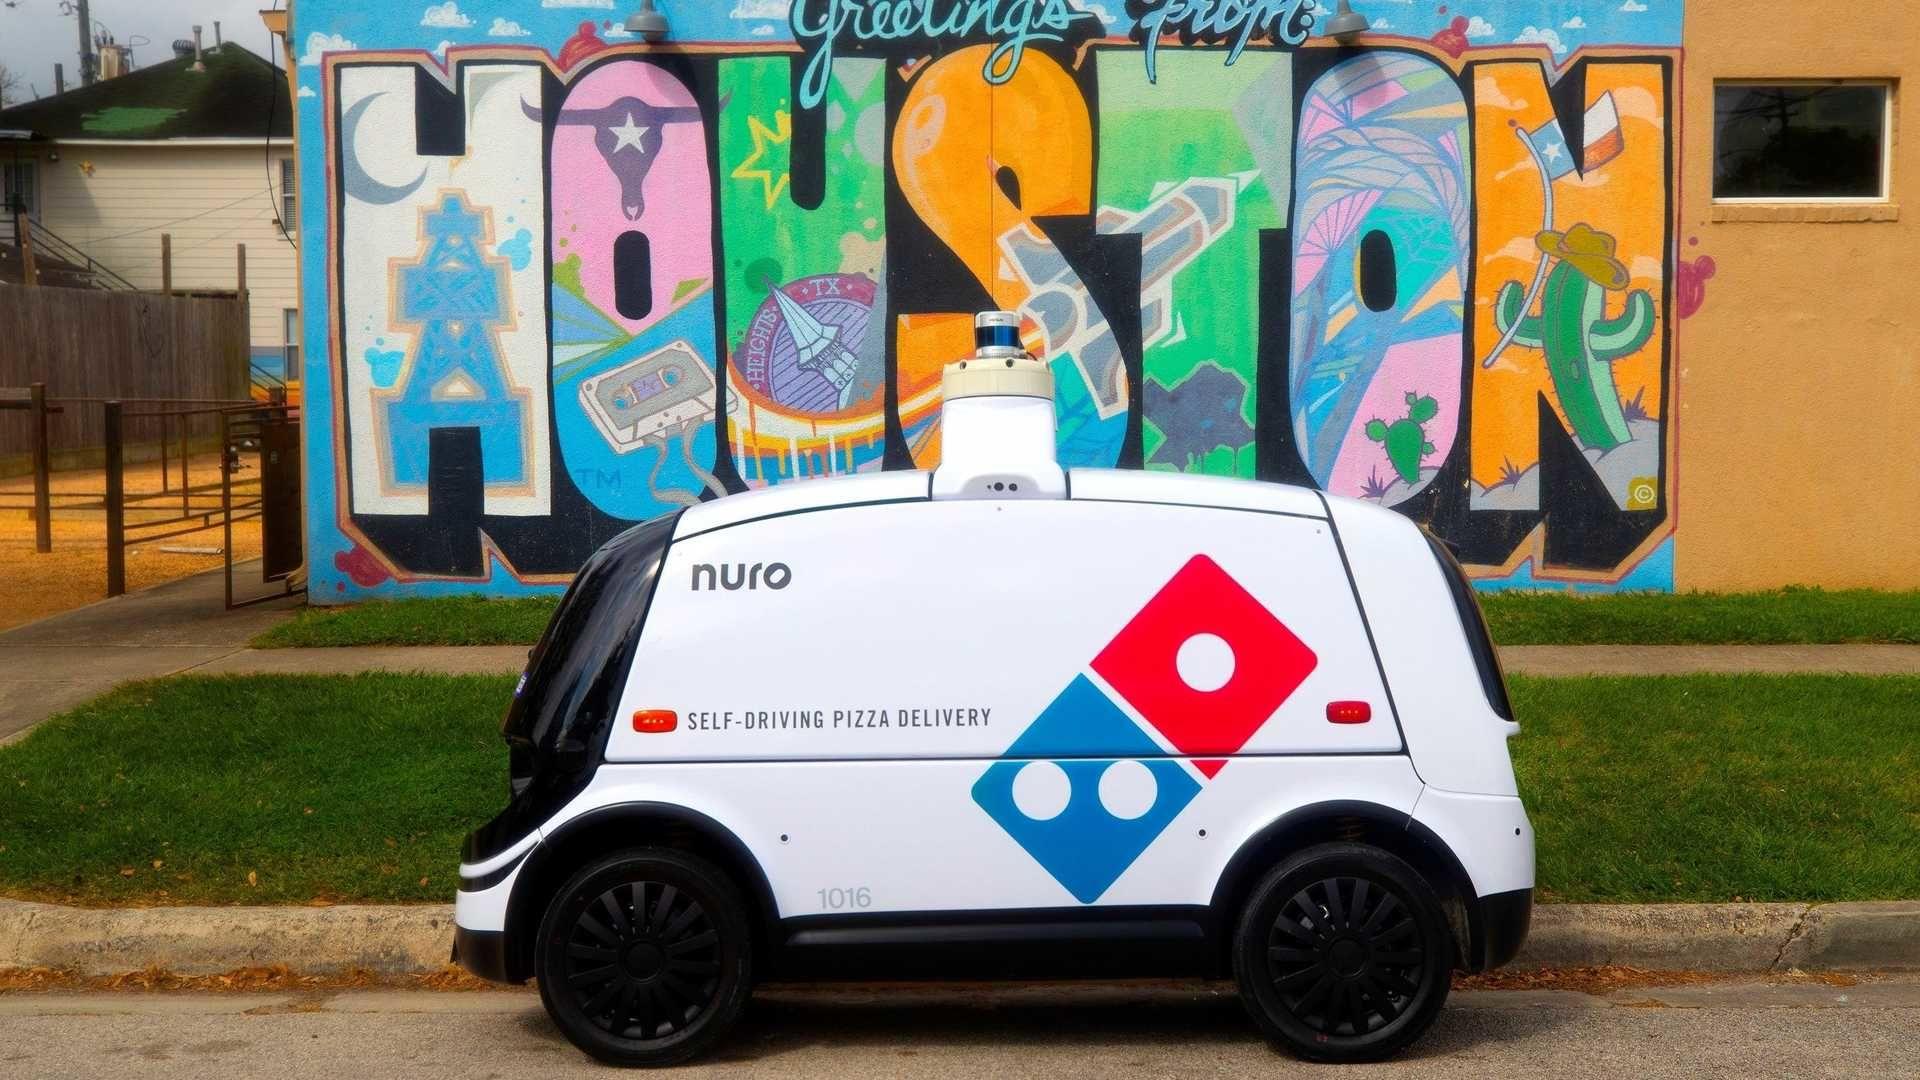 德州現在有可愛的無人駕駛車輛幫你運送達美樂的比薩喔!